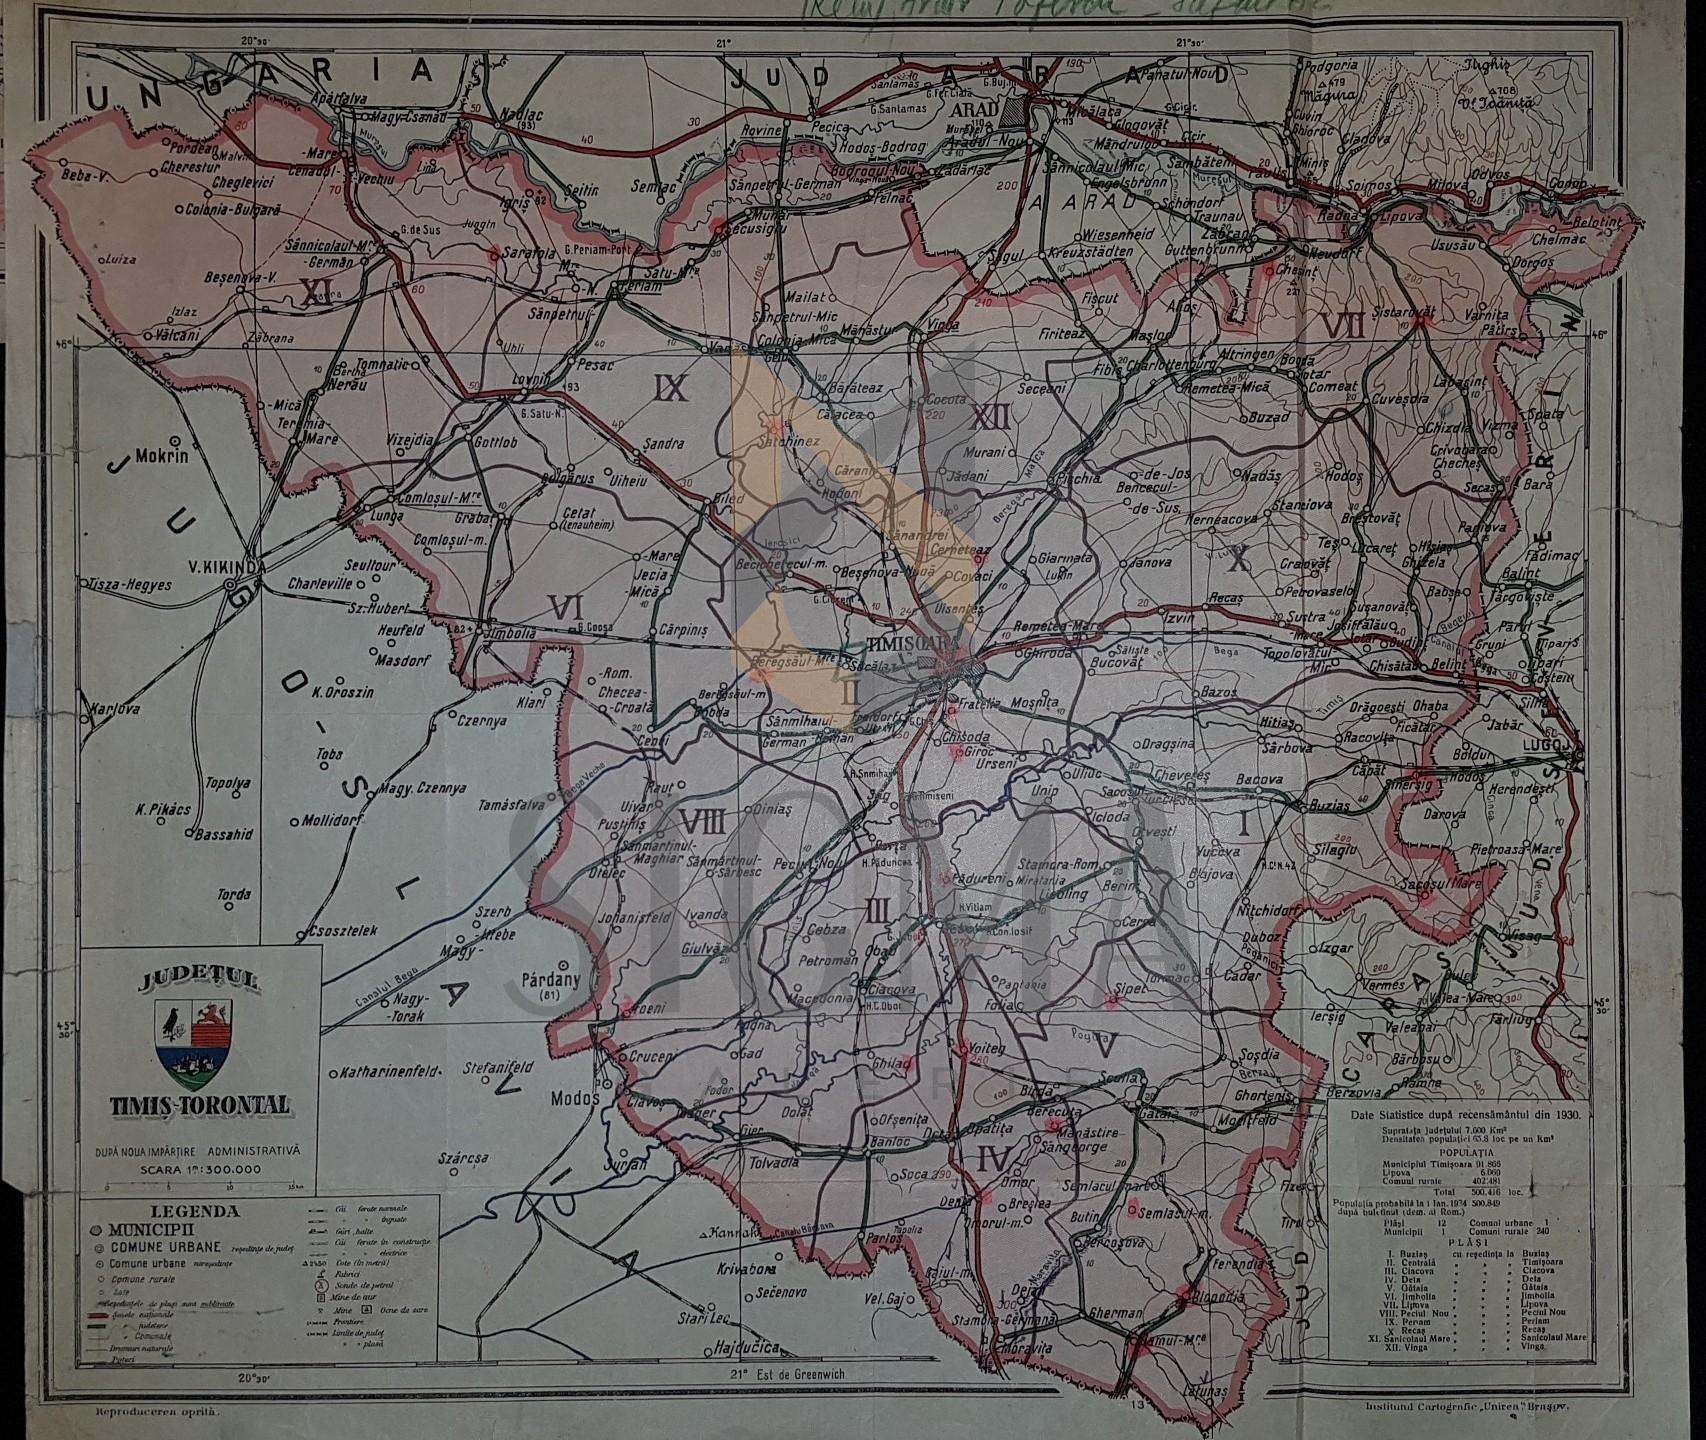 CONSTANTIN TEODORESCU (GENERAL), HARTA JUDETULUI TIMIS-TORONTAL (ROMANIA MARE), 1938